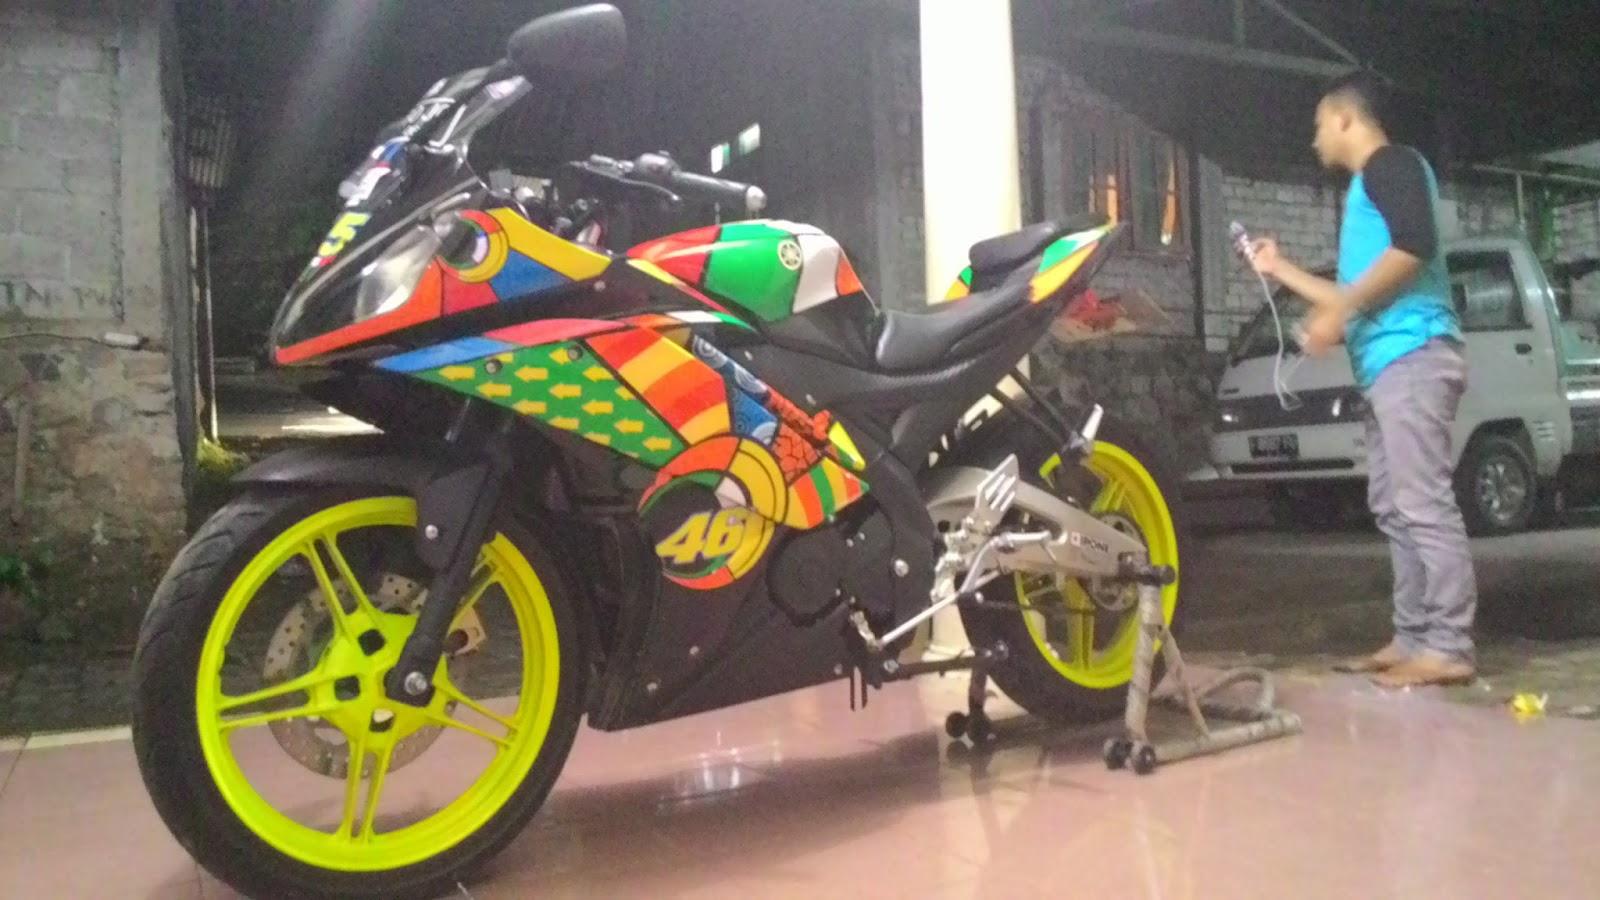 modifikasi yamaha r15 ala vr46 ~ yamaha r15 club indonesia @bogor